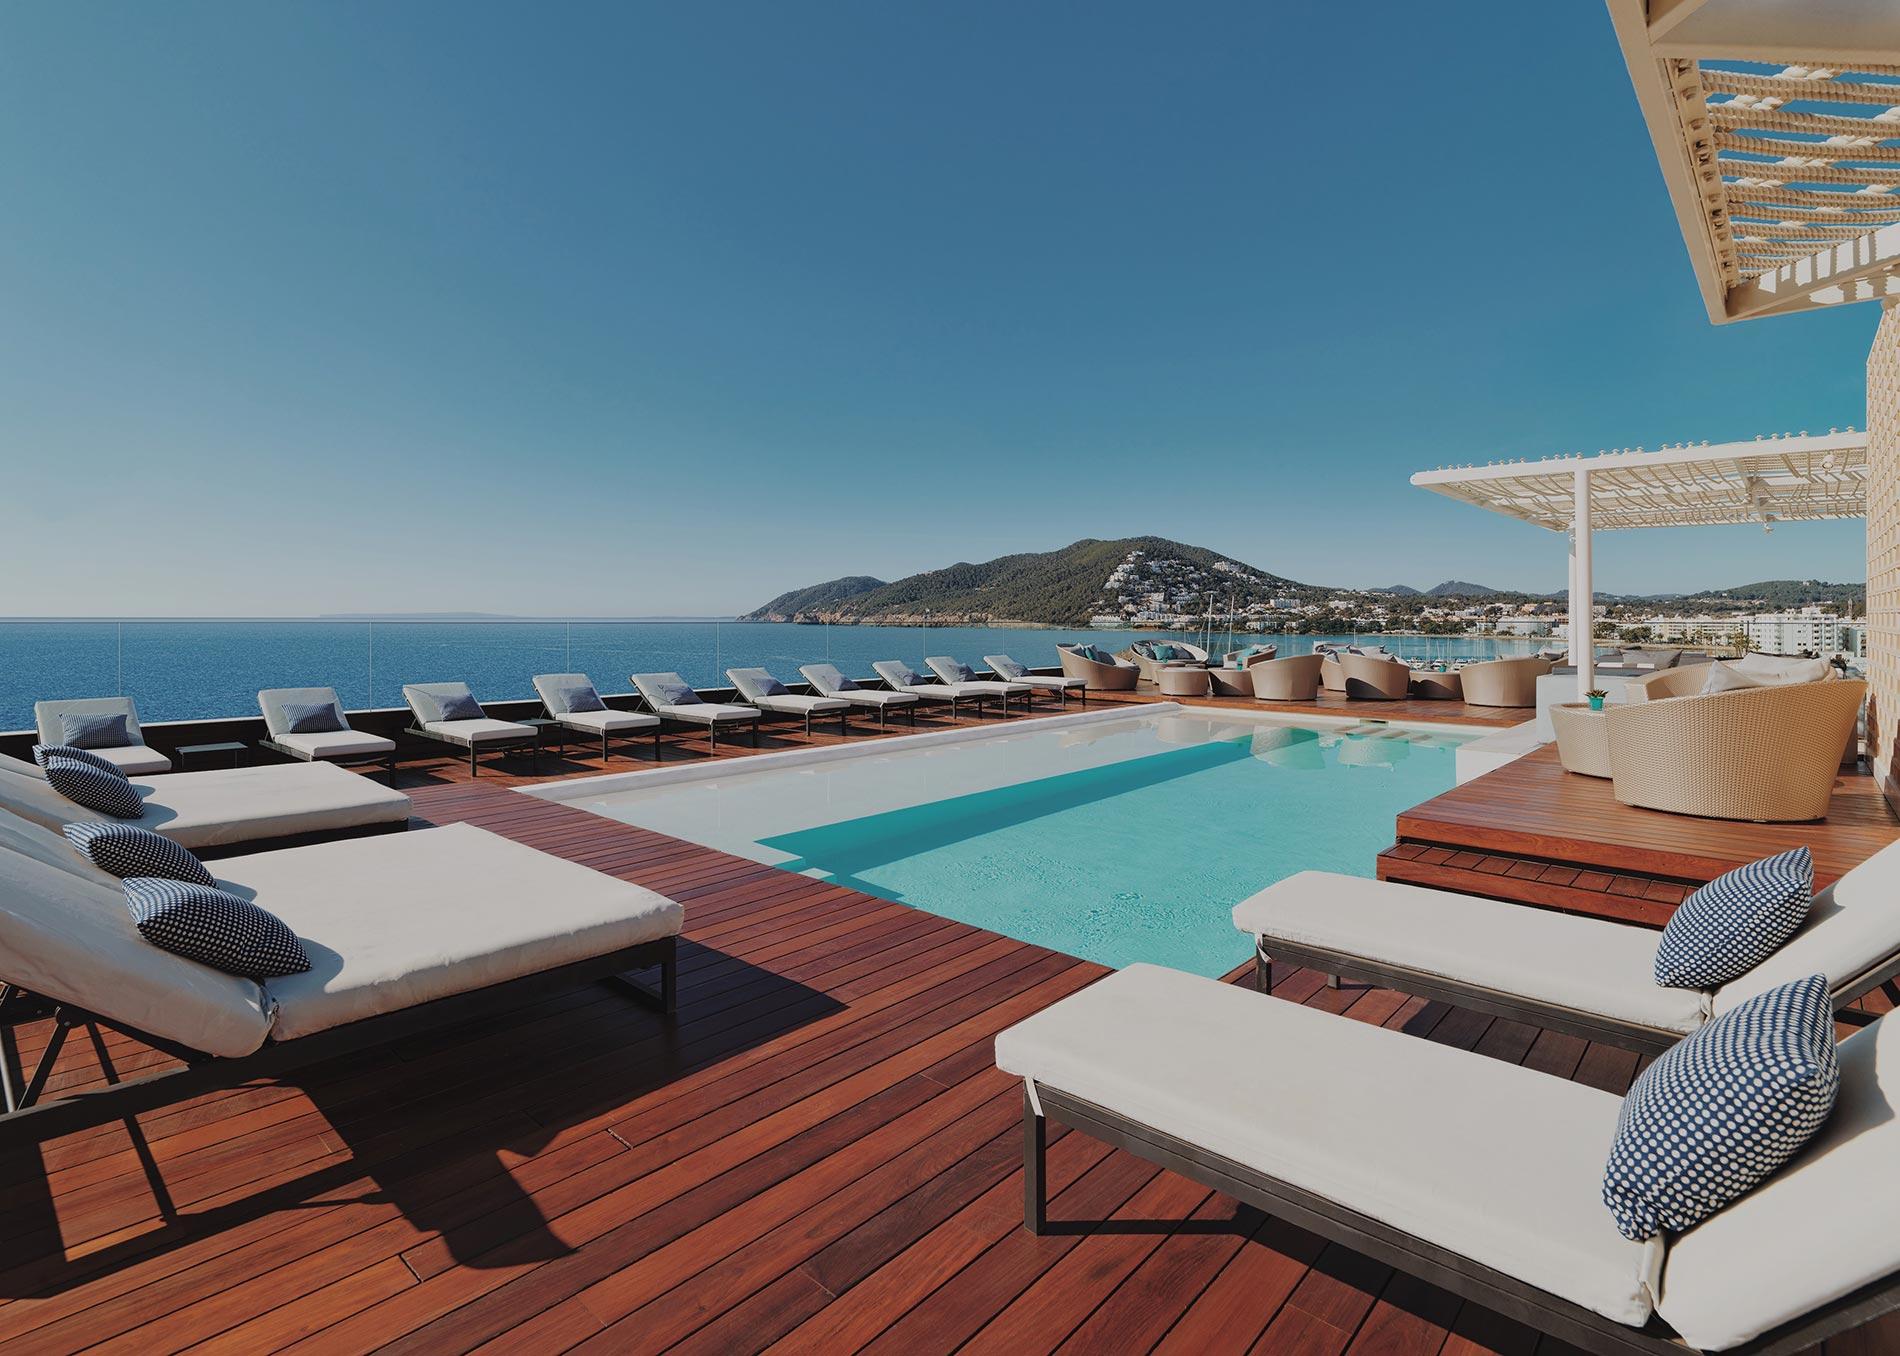 aguasdeibiza-top-piscina-004-w1